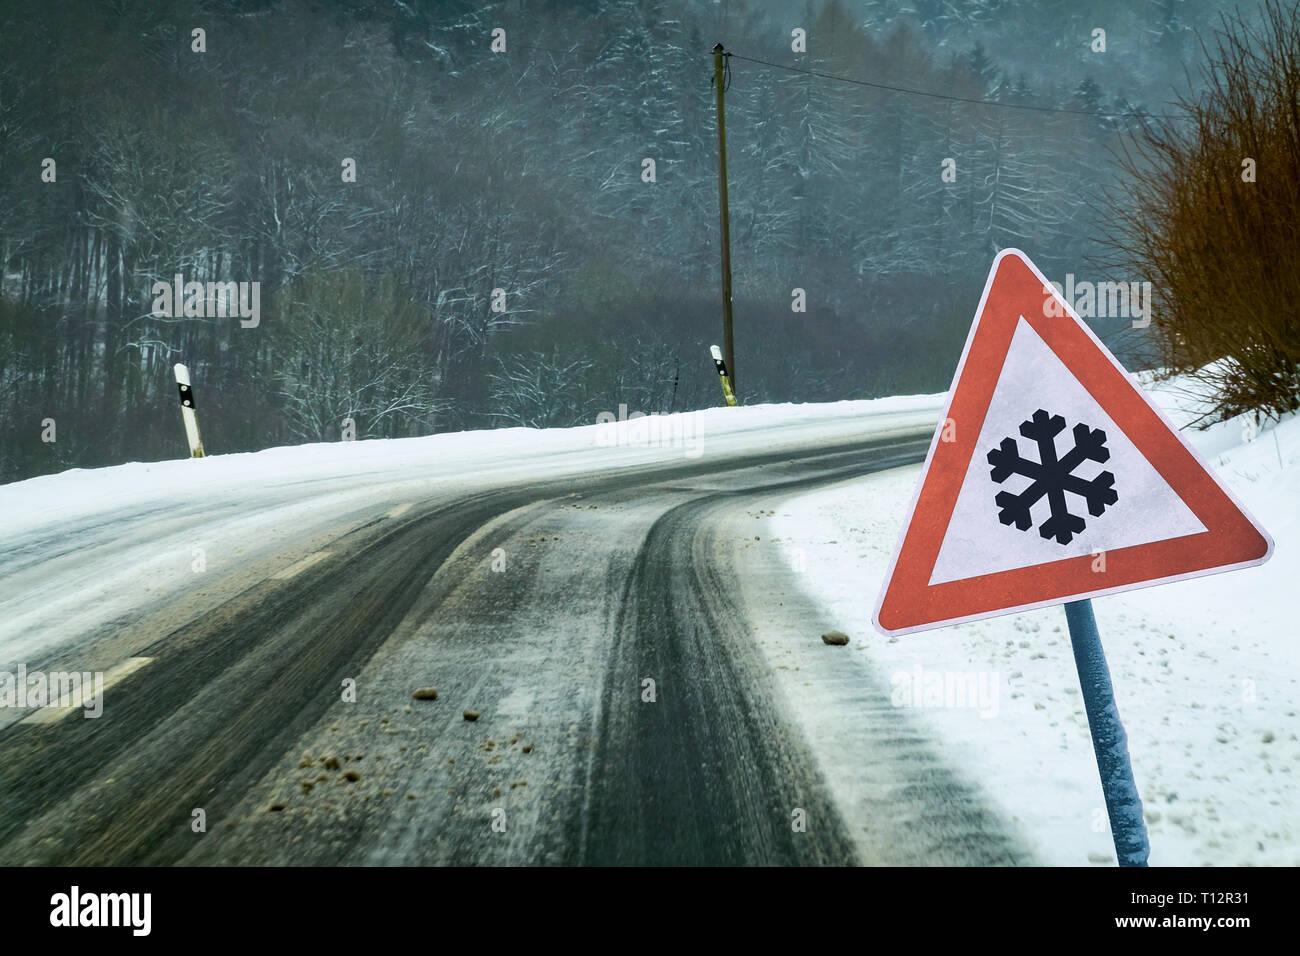 Snowy curvy road with traffic sign Snowy curvy road with traffic sign - Stock Image